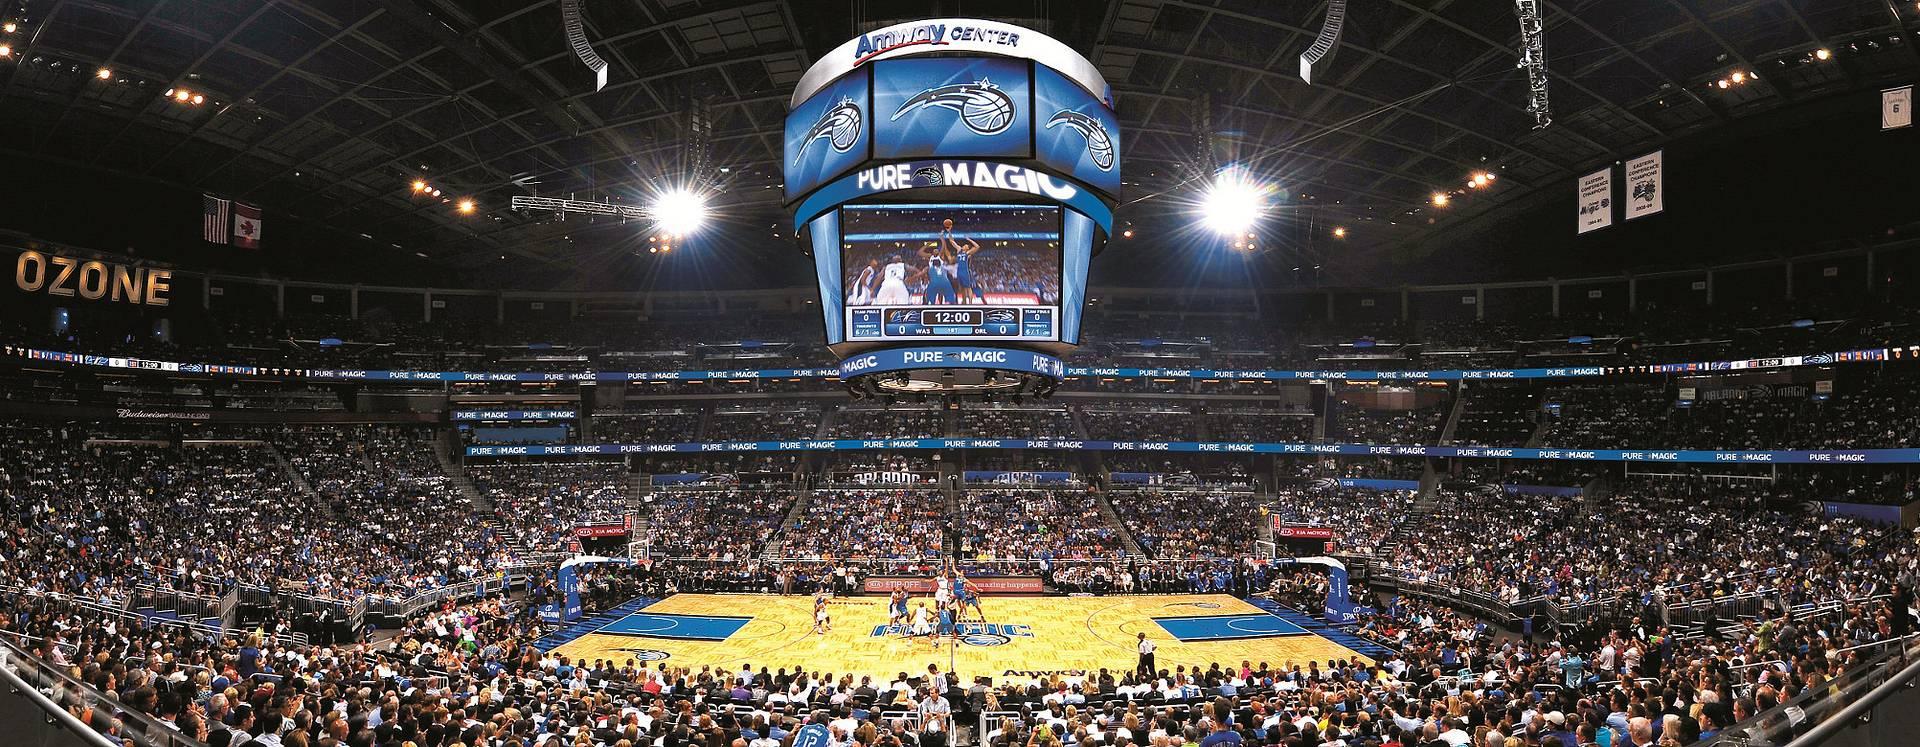 Orlando Magic, el equipo de básquetbol de Orlando, jugando en el Amway Center